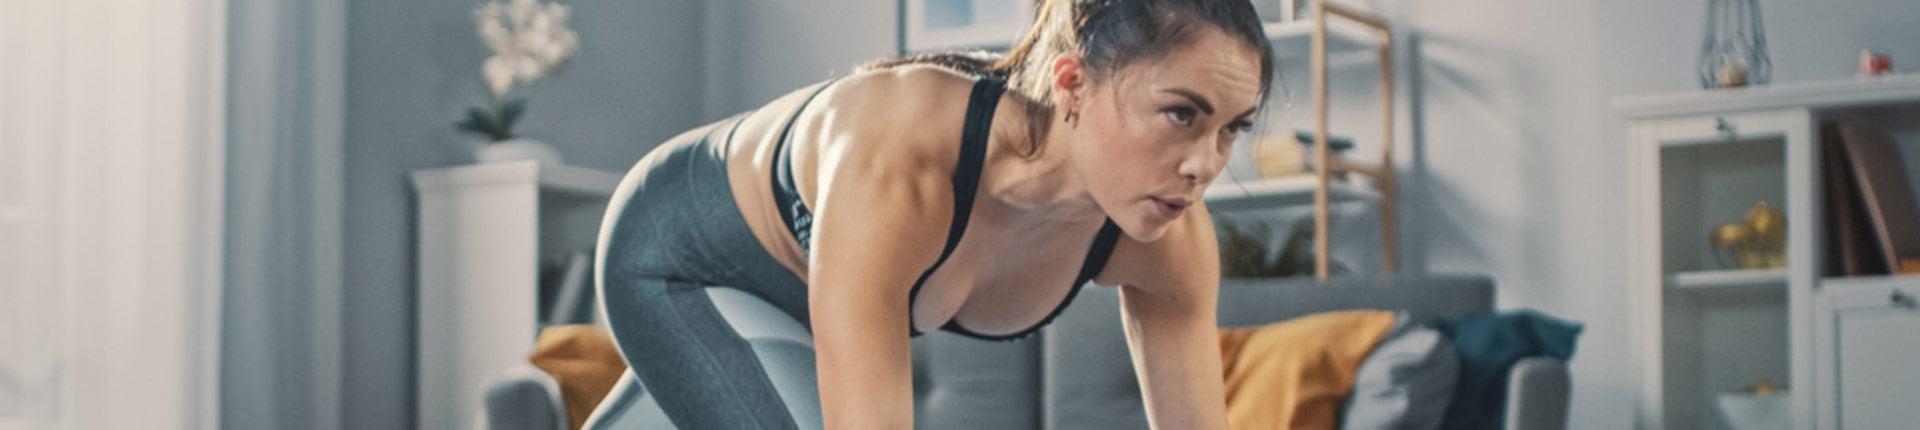 Jak wykonać skuteczny trening cardio bez biegania i sprzętu